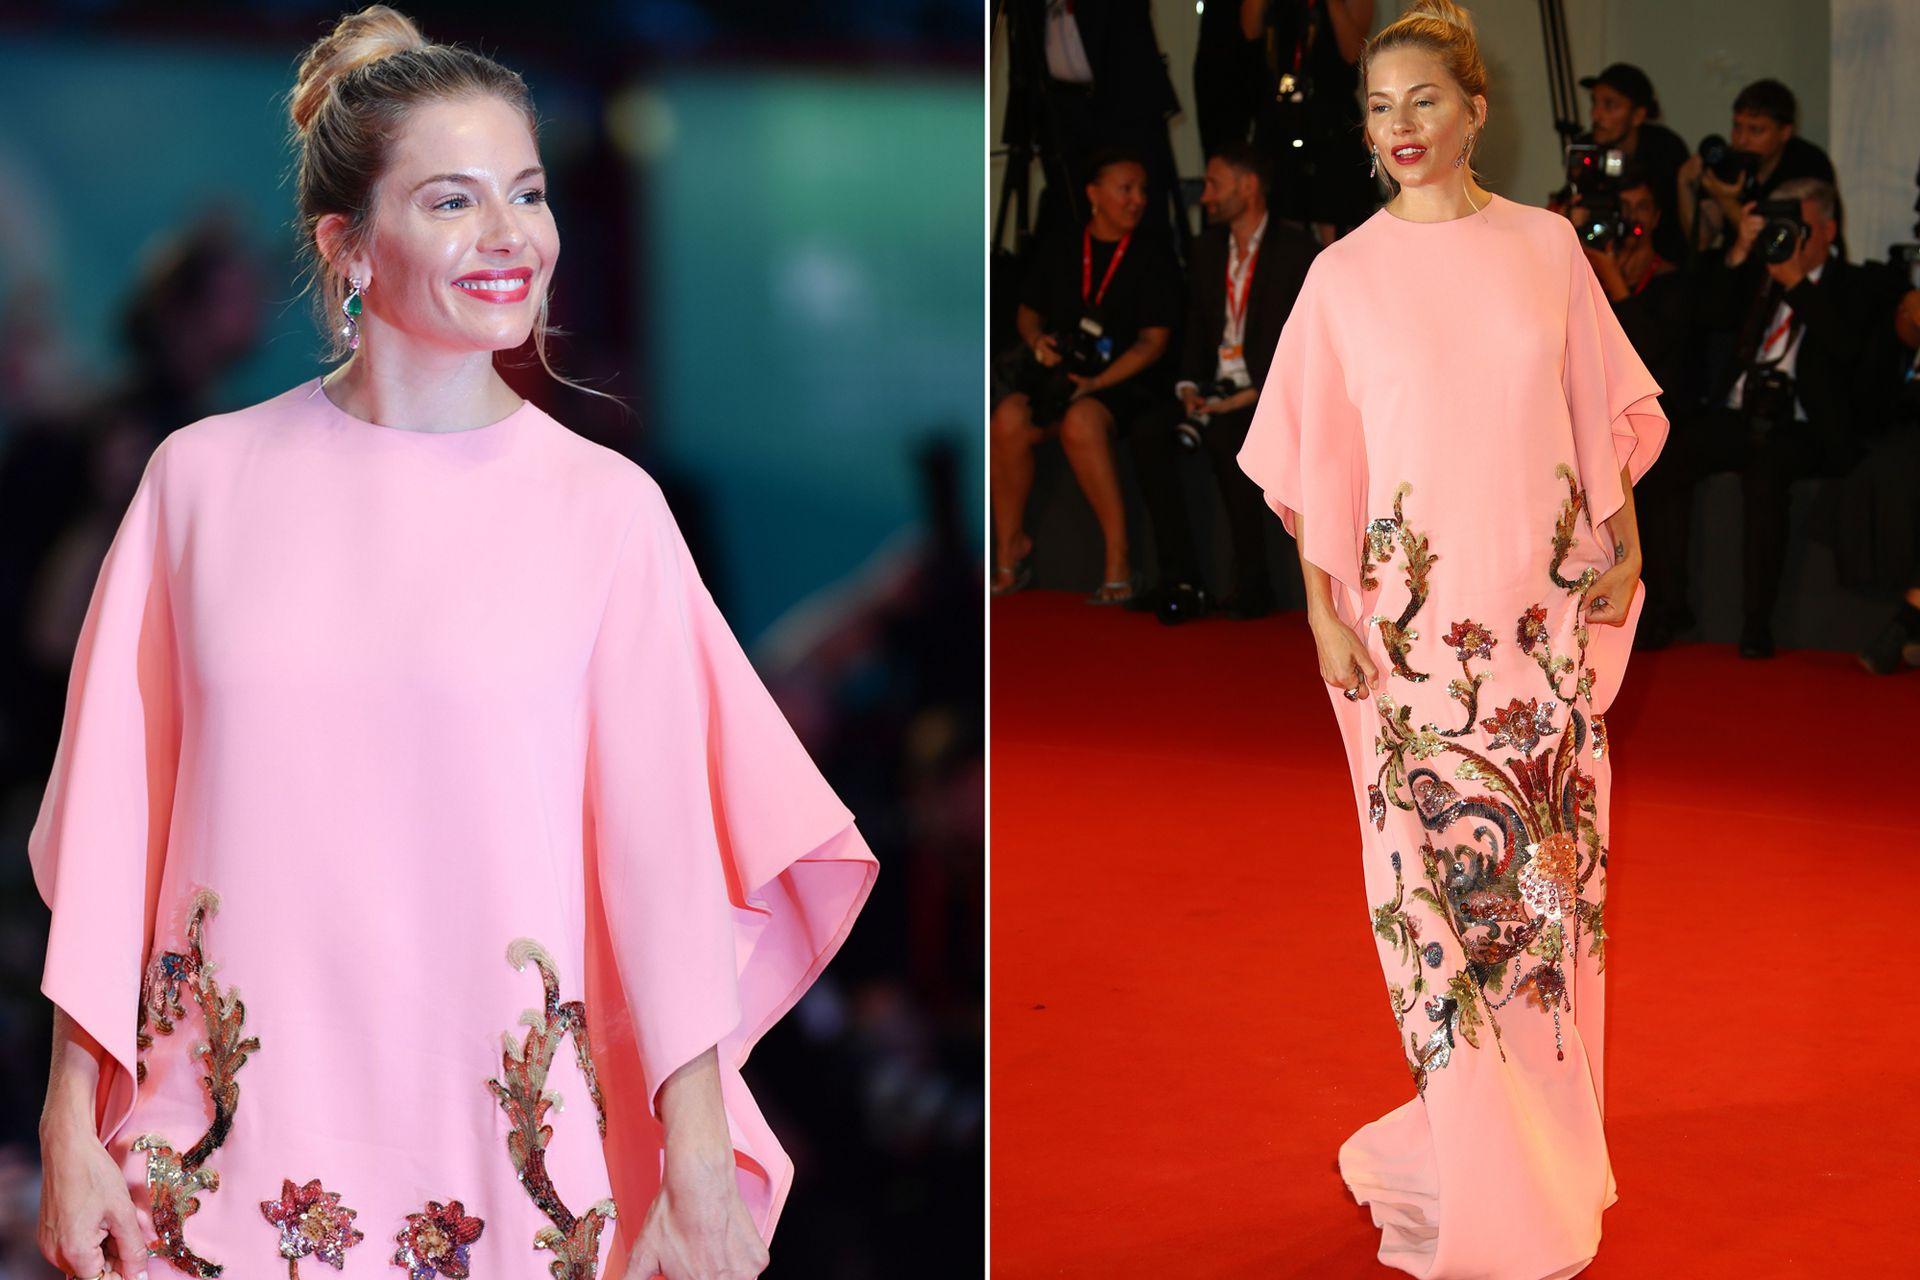 Alfombra roja I. Sienna Miller lució muy sonriente en Venecia con un vestido largo, rosa pálido, con unos bordados dorados, creación de Gucci